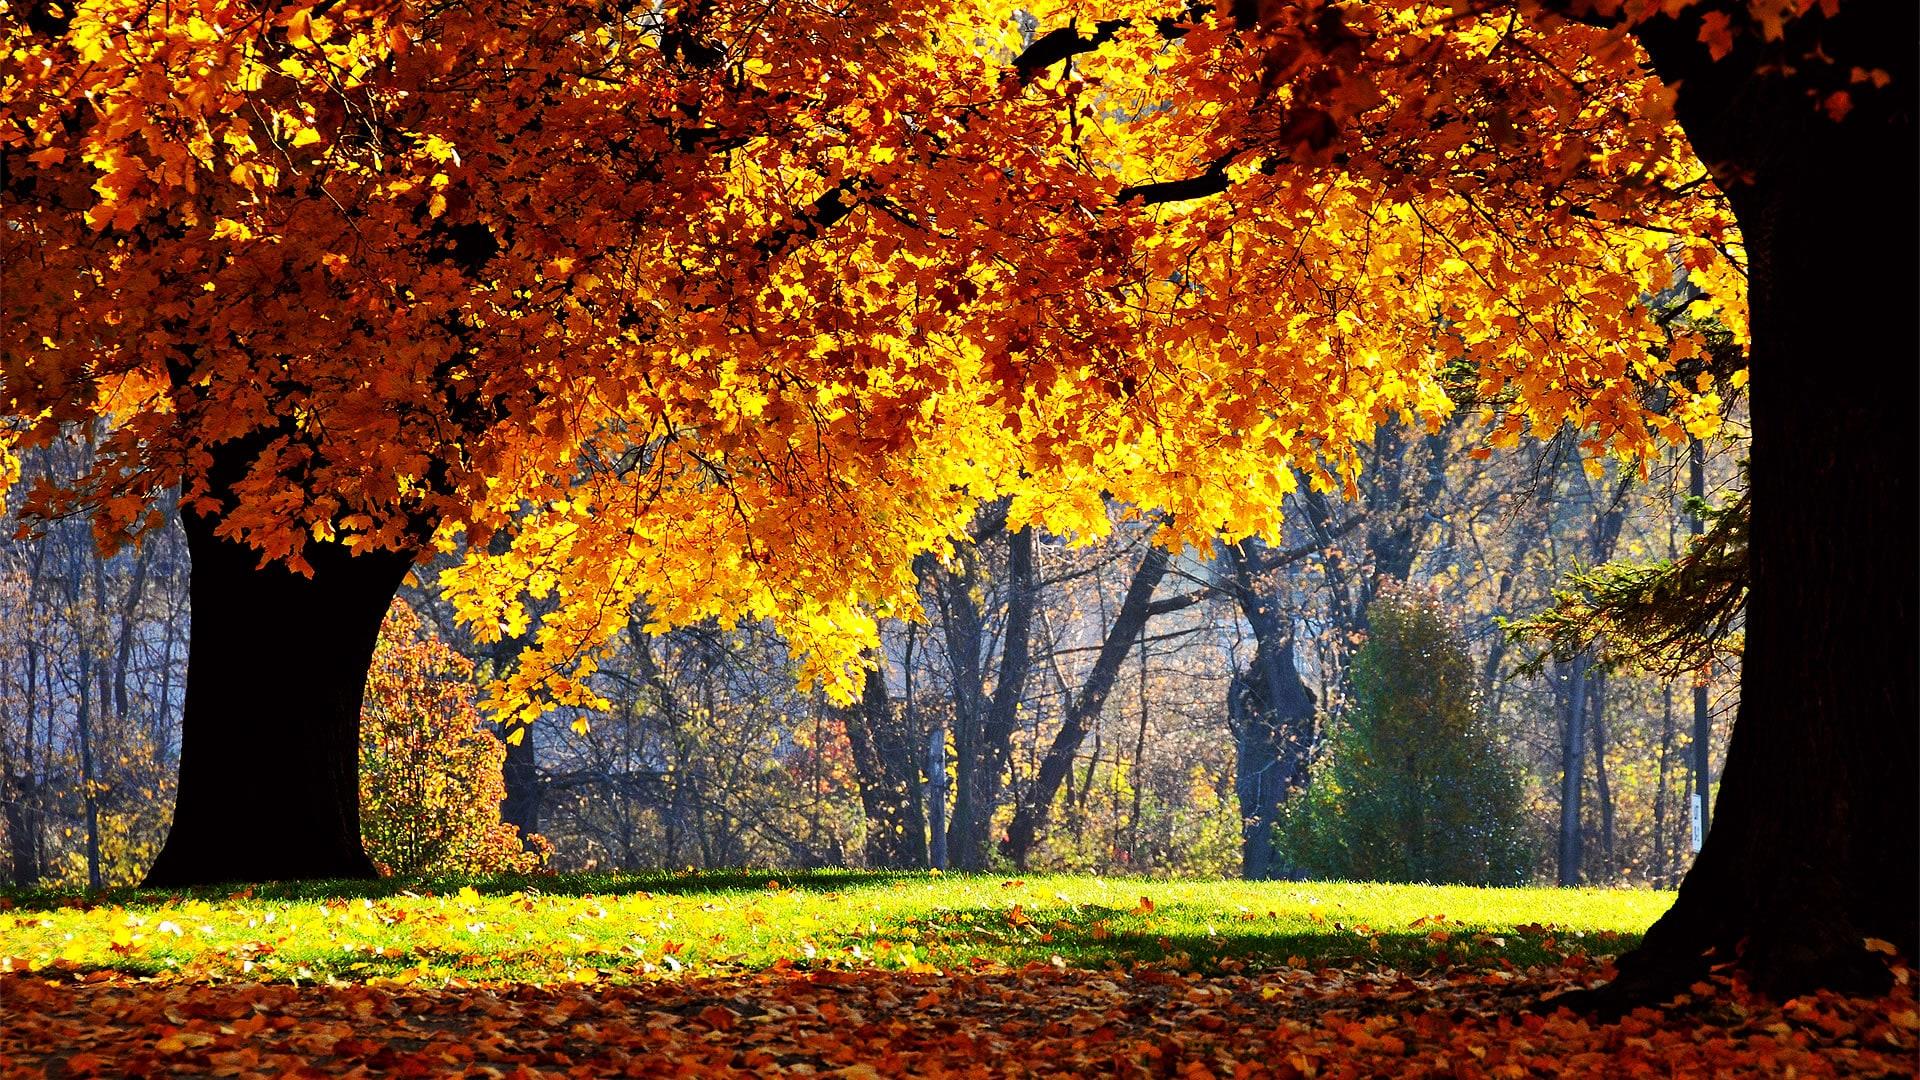 Sfondi desktop in hd gratis da scaricare for Immagini autunno hd